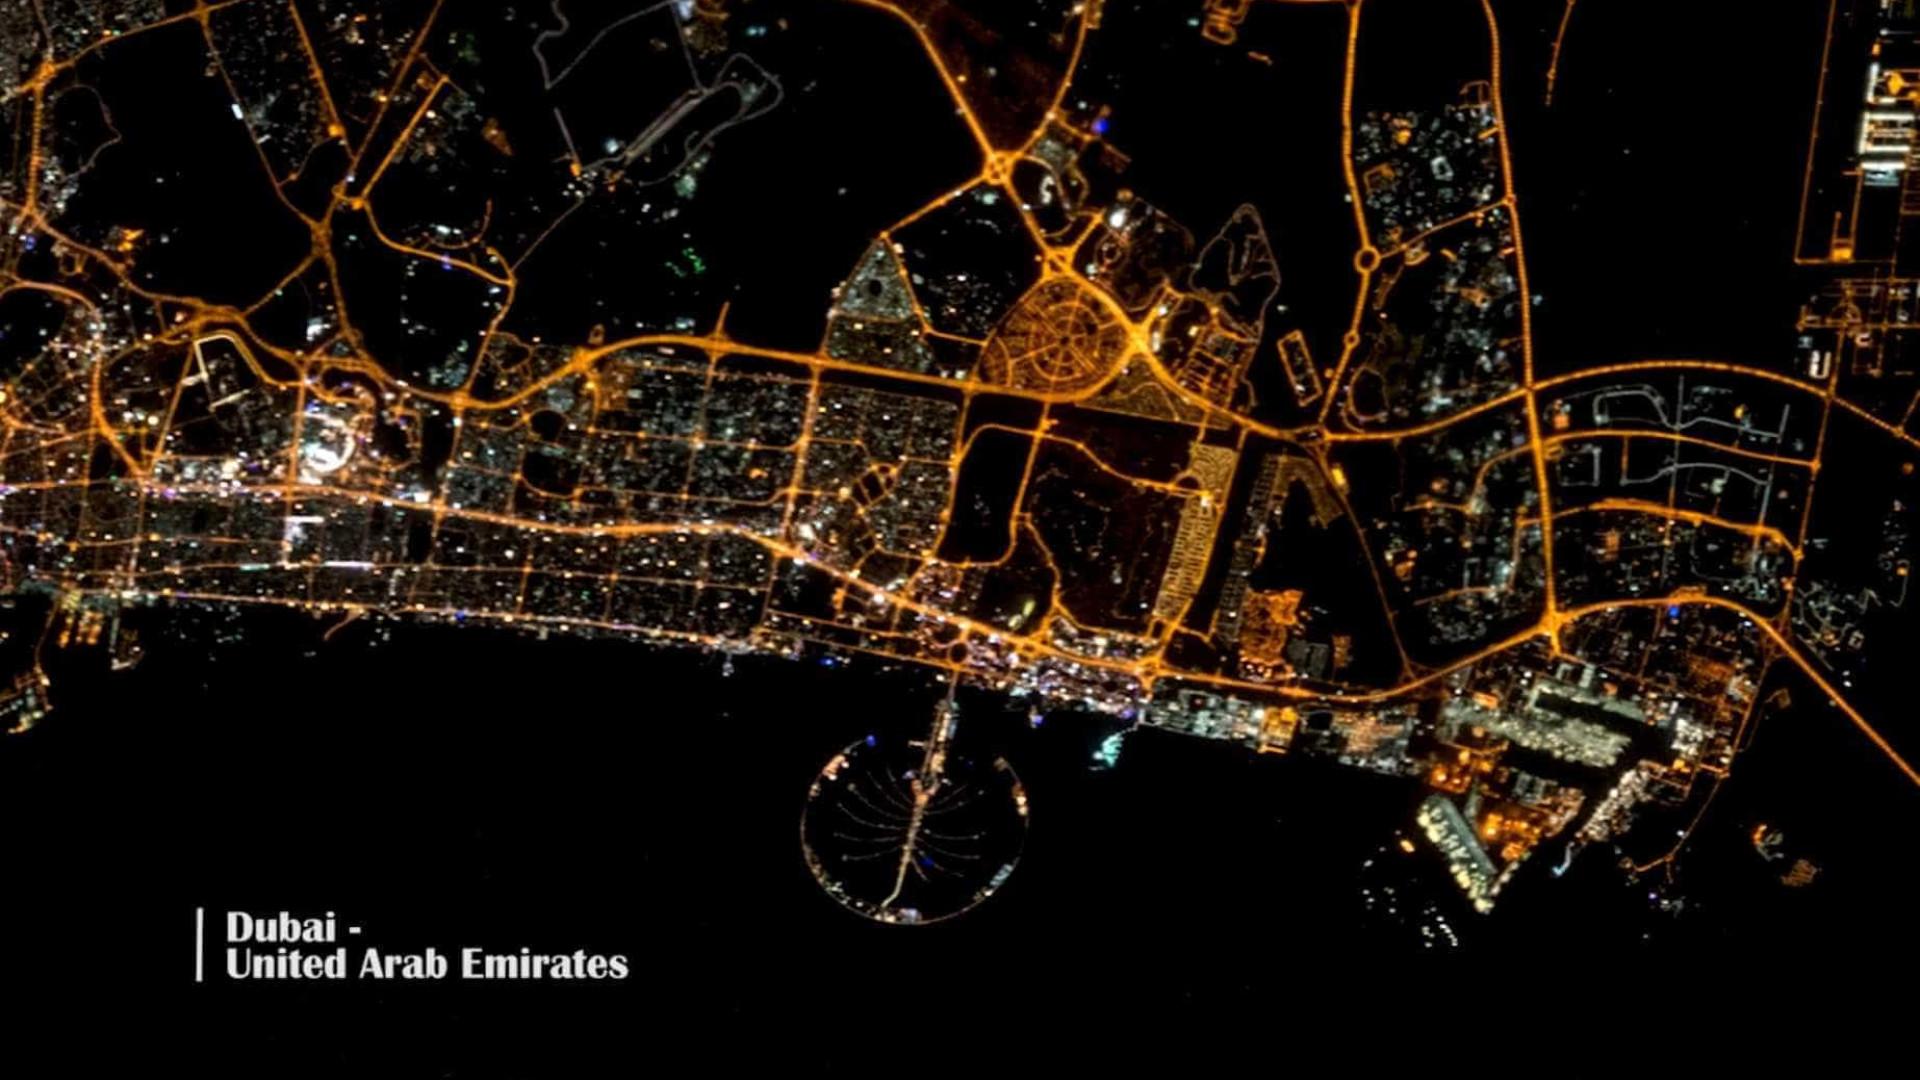 Veja as 16 melhores fotos da Terra feitas pela NASA em 2016